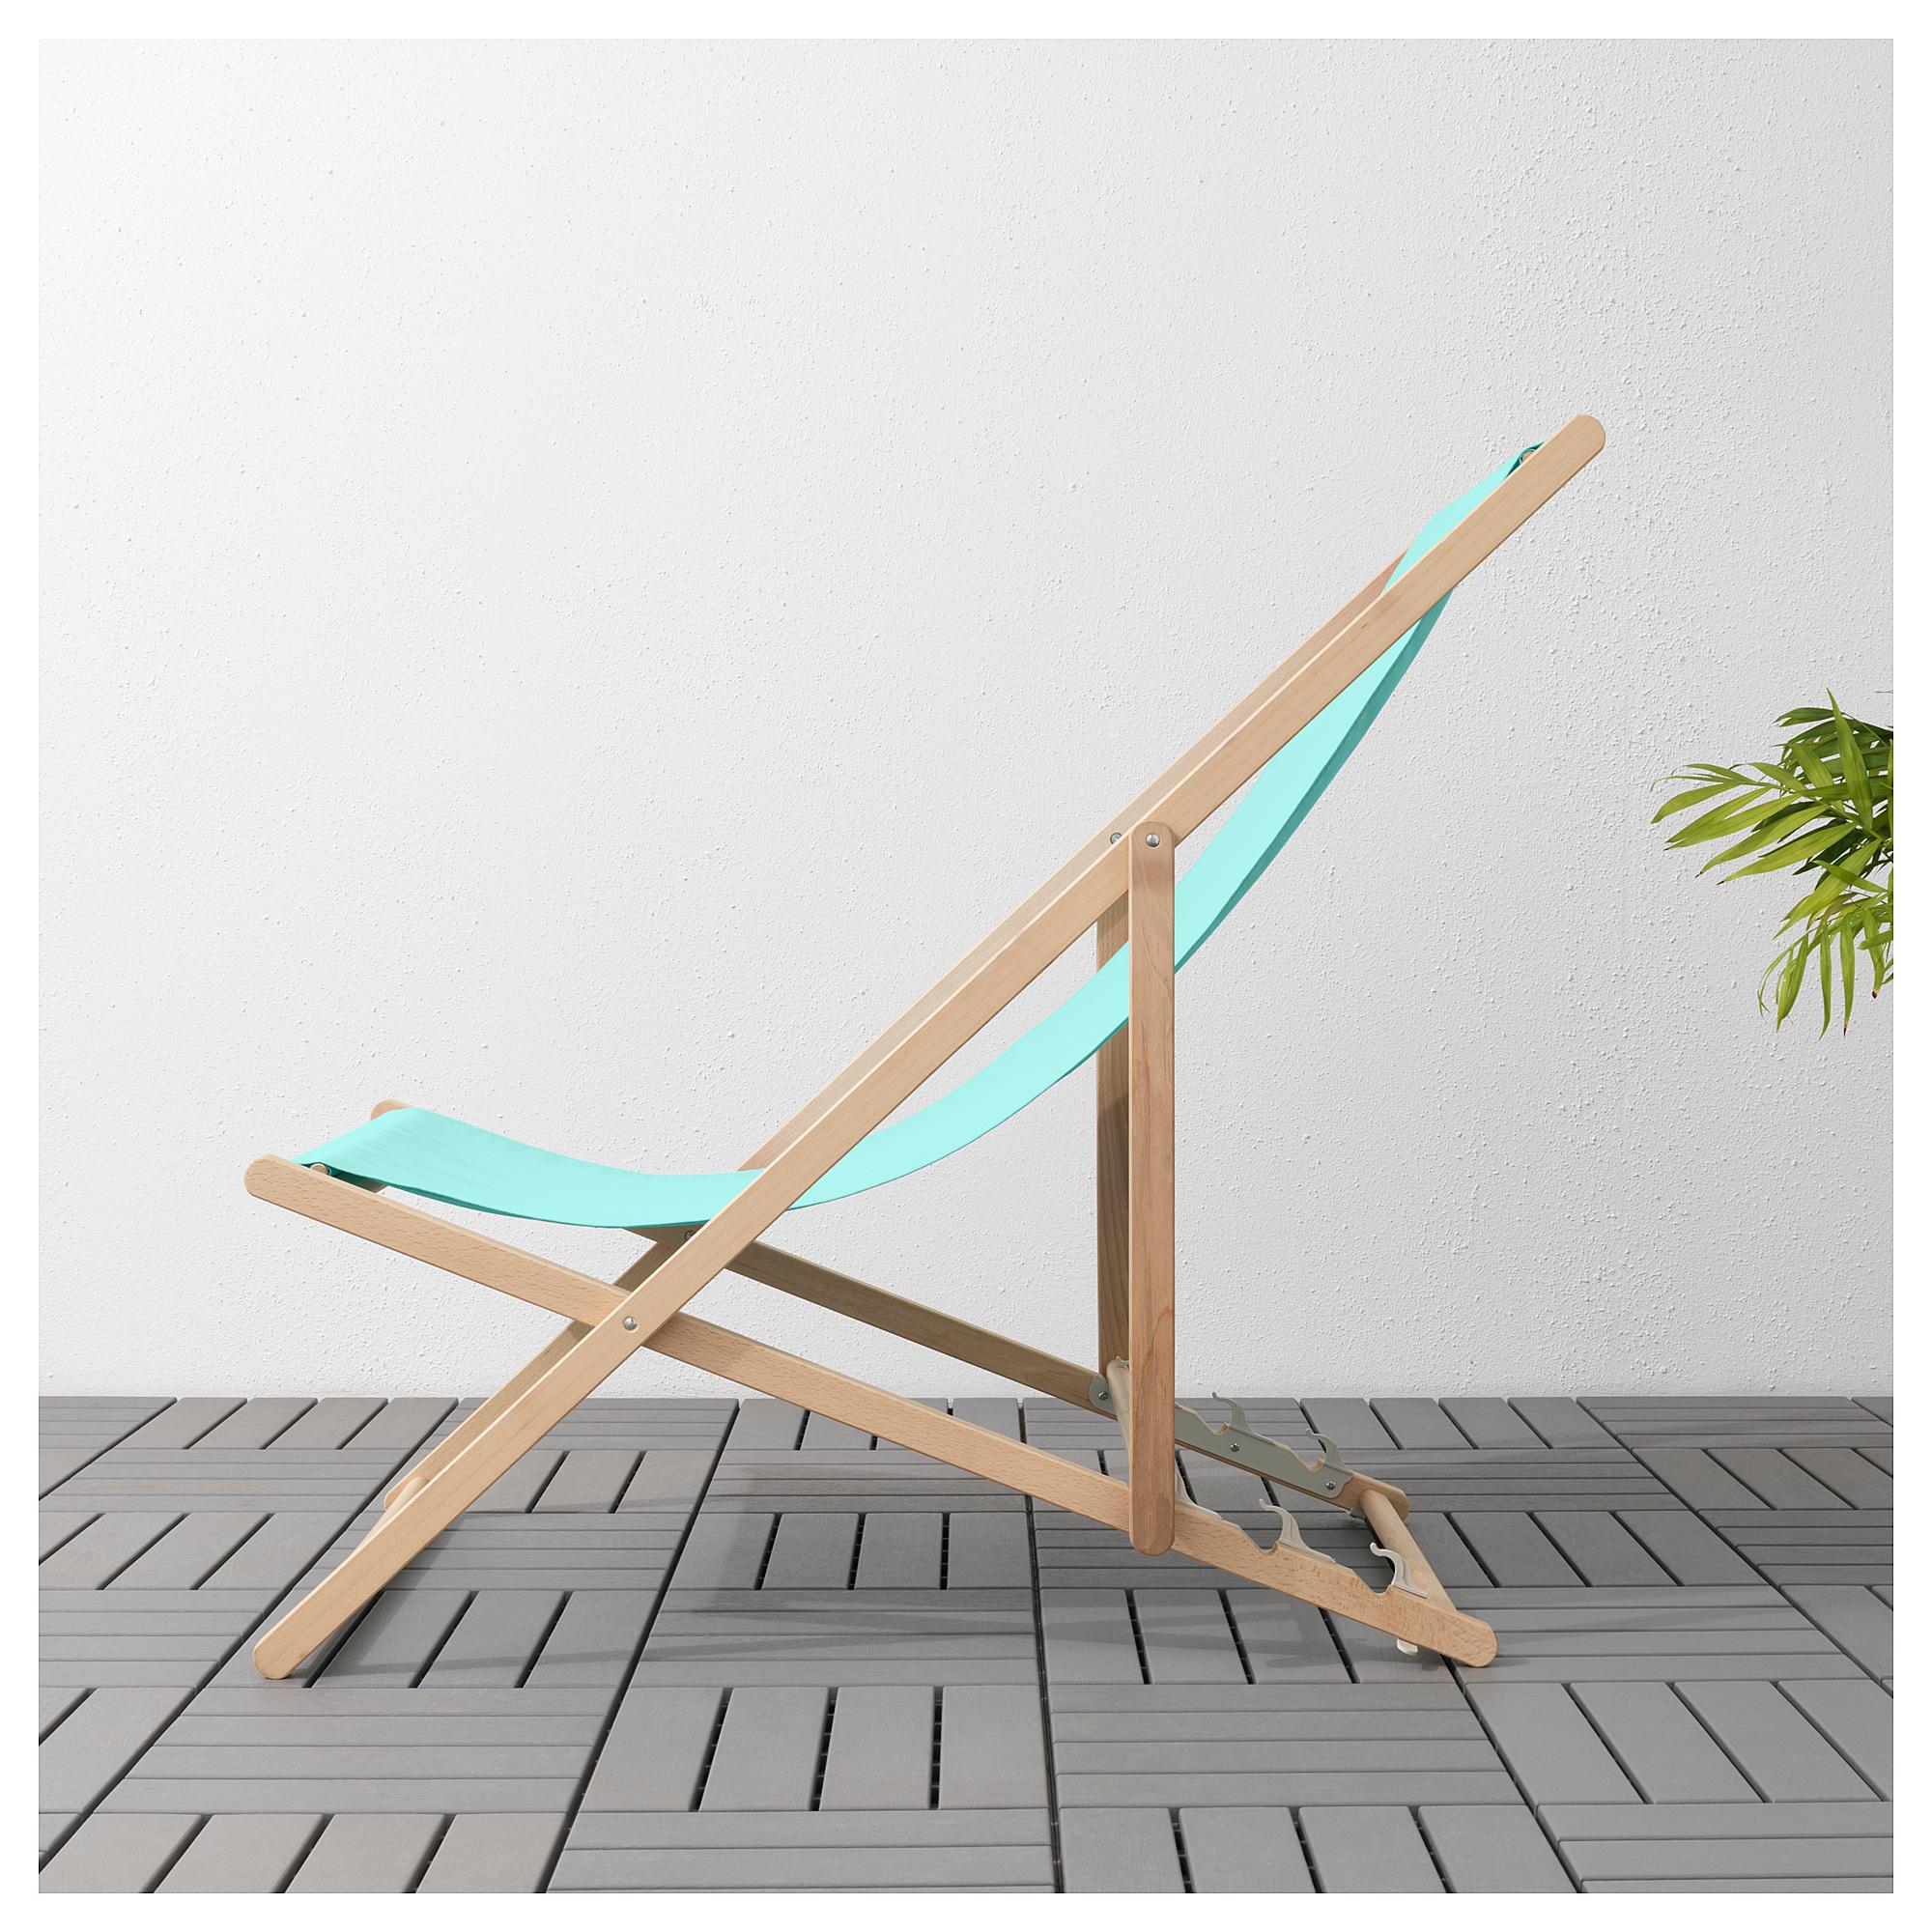 Пляжный стул МЮСИНГСО бирюзовый артикуль № 003.895.24 в наличии. Интернет сайт ИКЕА Минск. Быстрая доставка и установка.